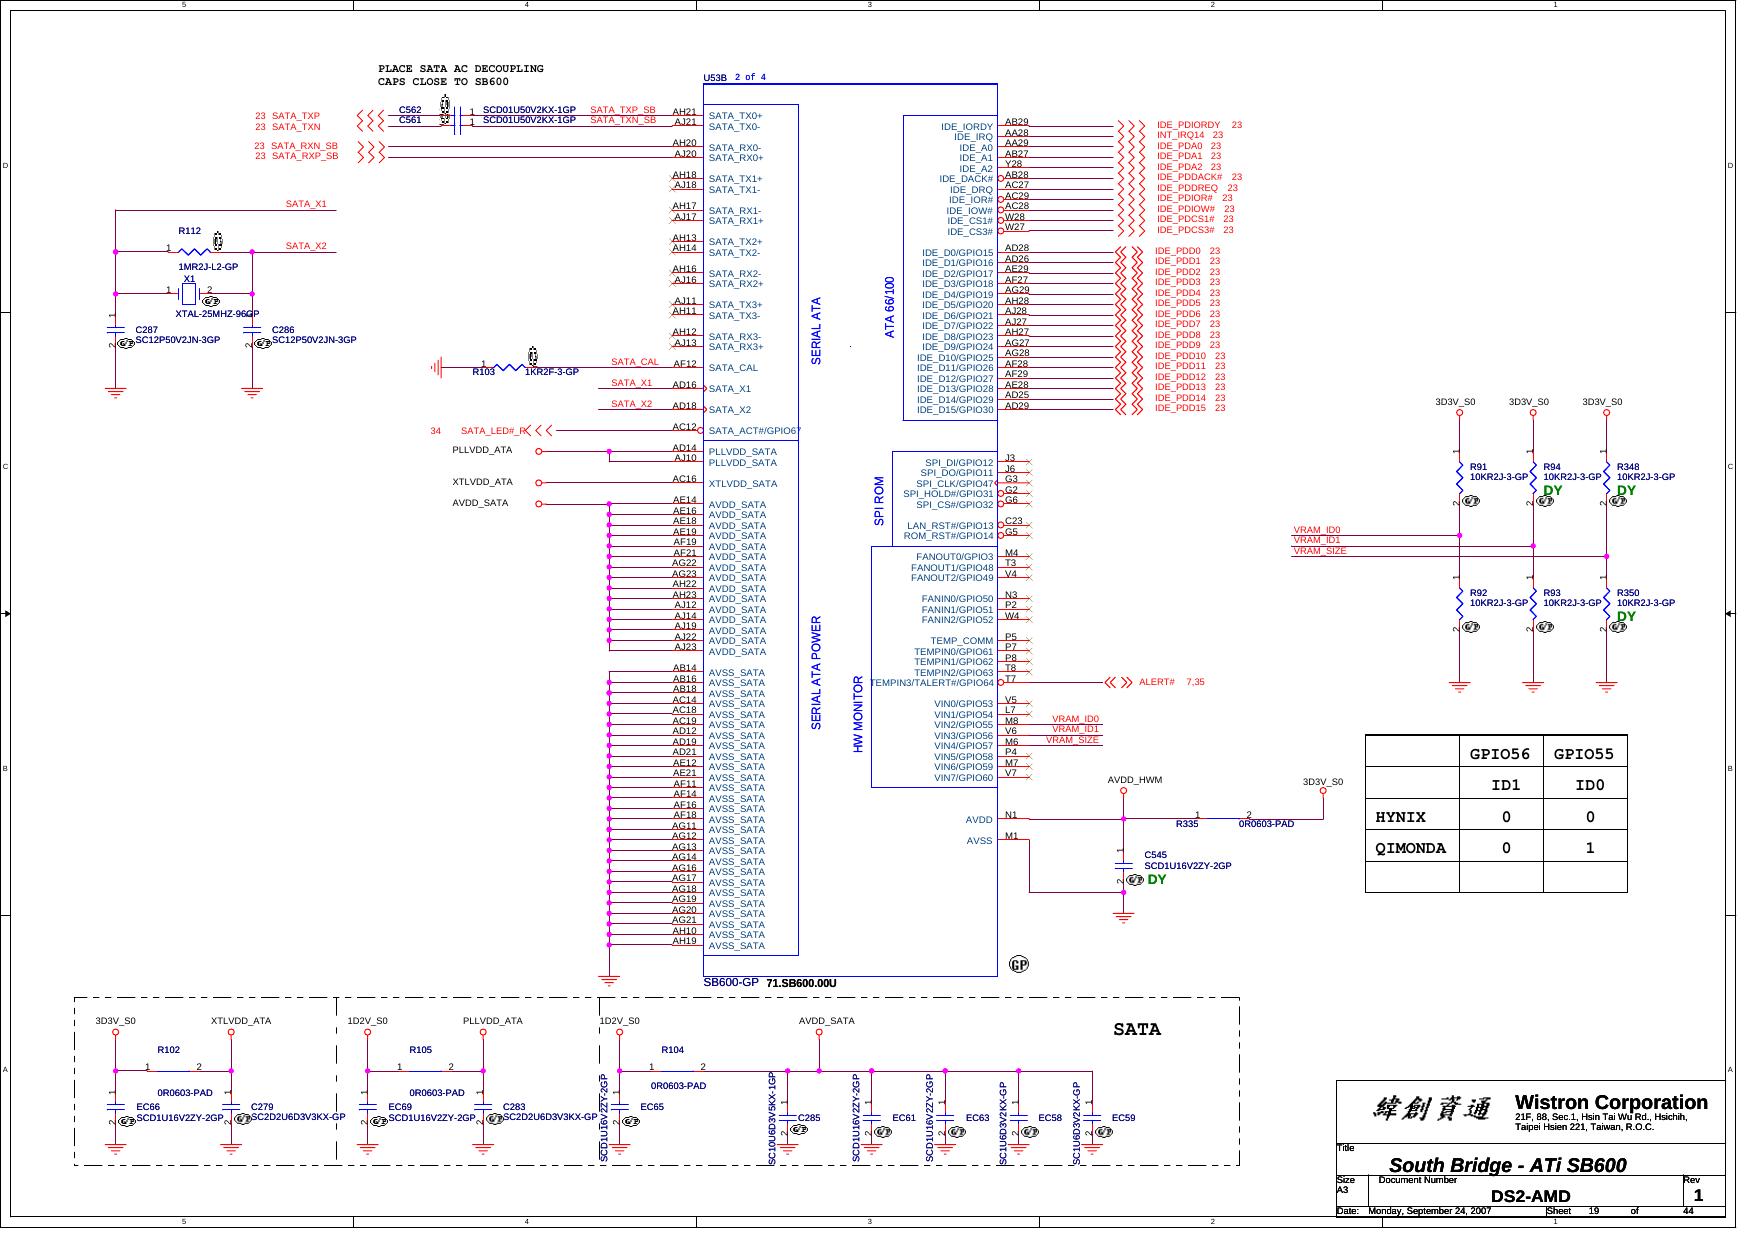 Wistron Spears AMD UMA Schematics  Www s manuals com  R1